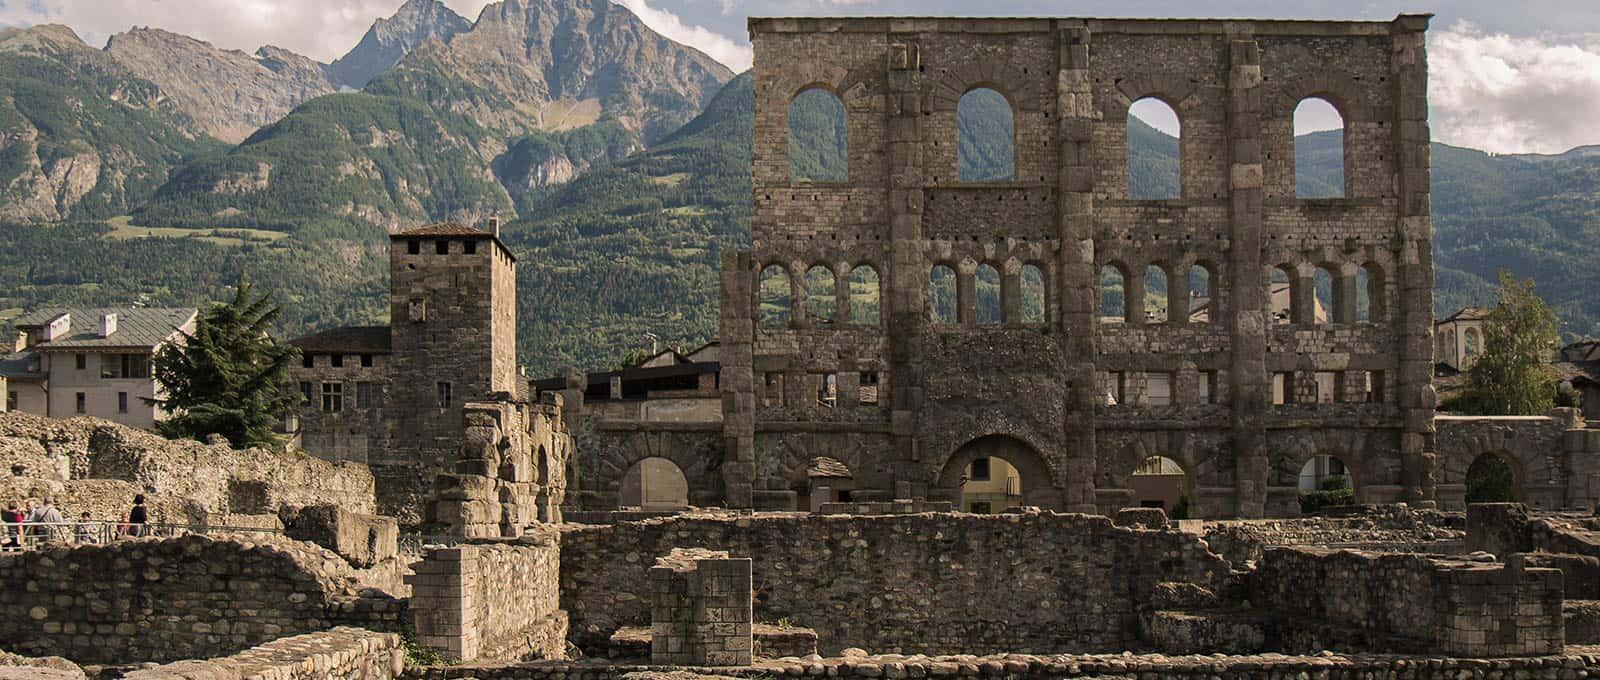 cose da vedere ad Aosta